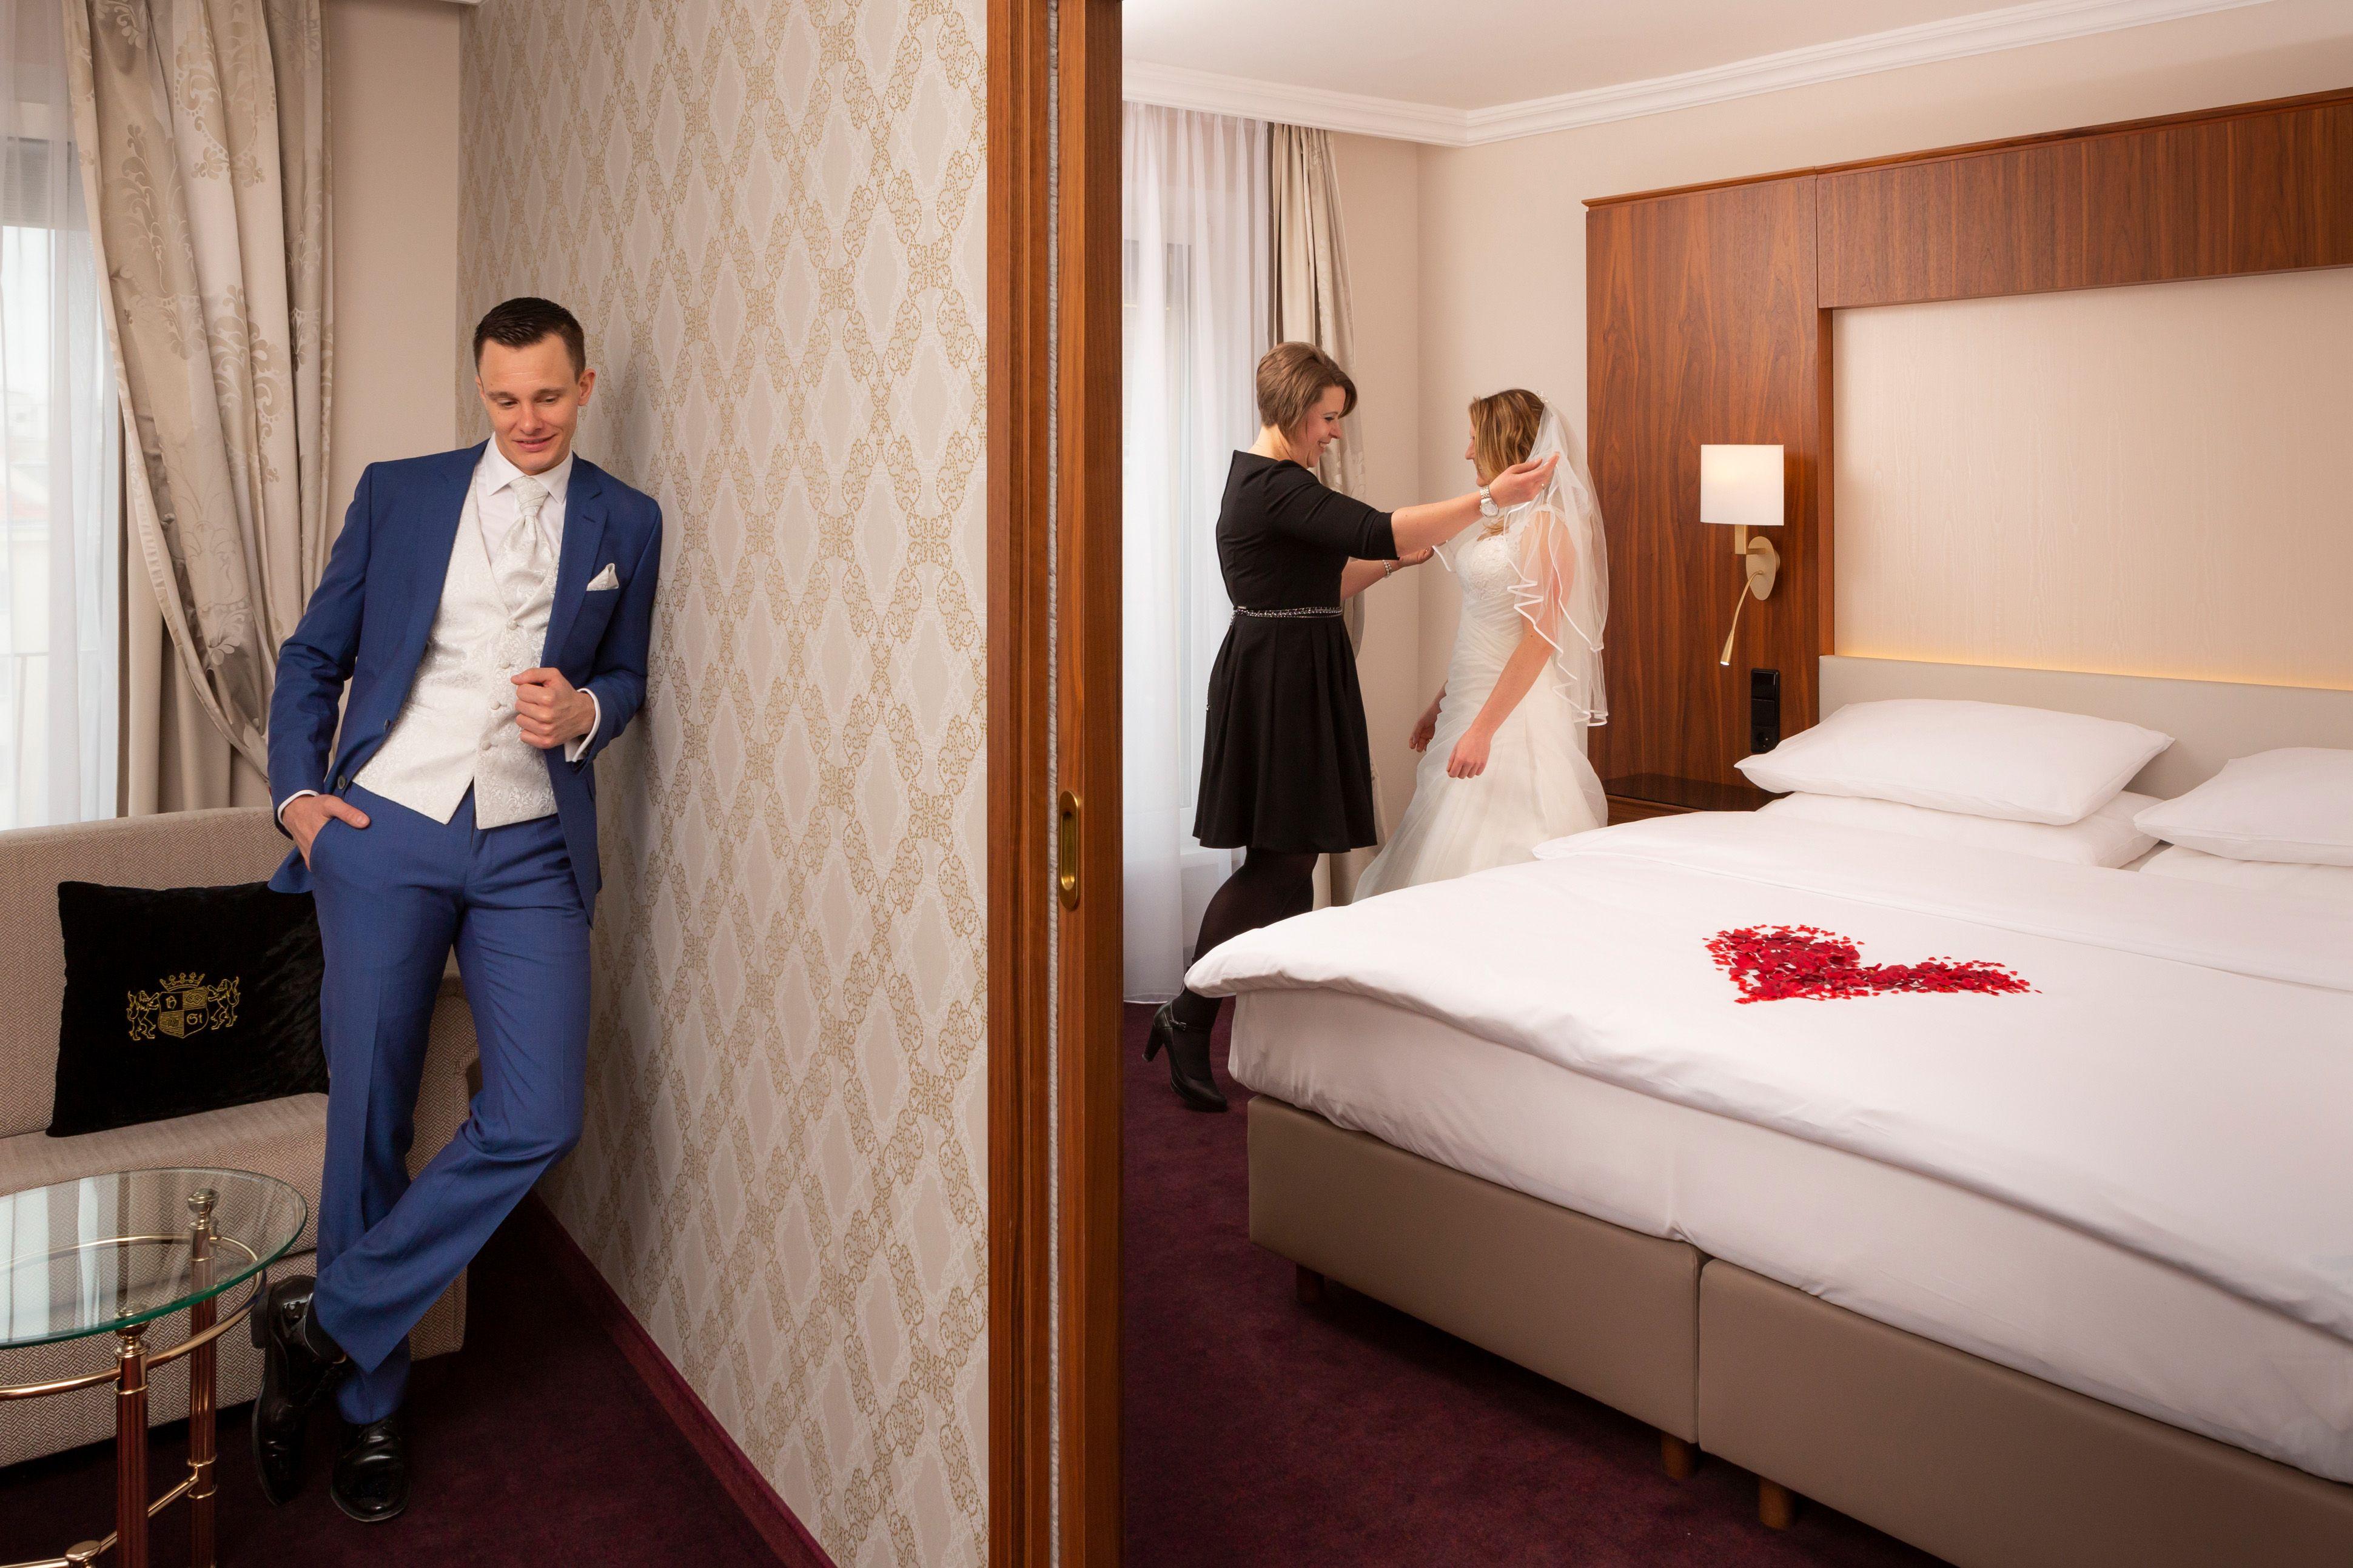 Hochzeit Feiern In Wien Von Der Standesamtlichen Trauung Bis Zur Hochzeitsnacht Alles Aus Einer Hand Hochzeit Feiern Hochzeitsnacht Hochzeit